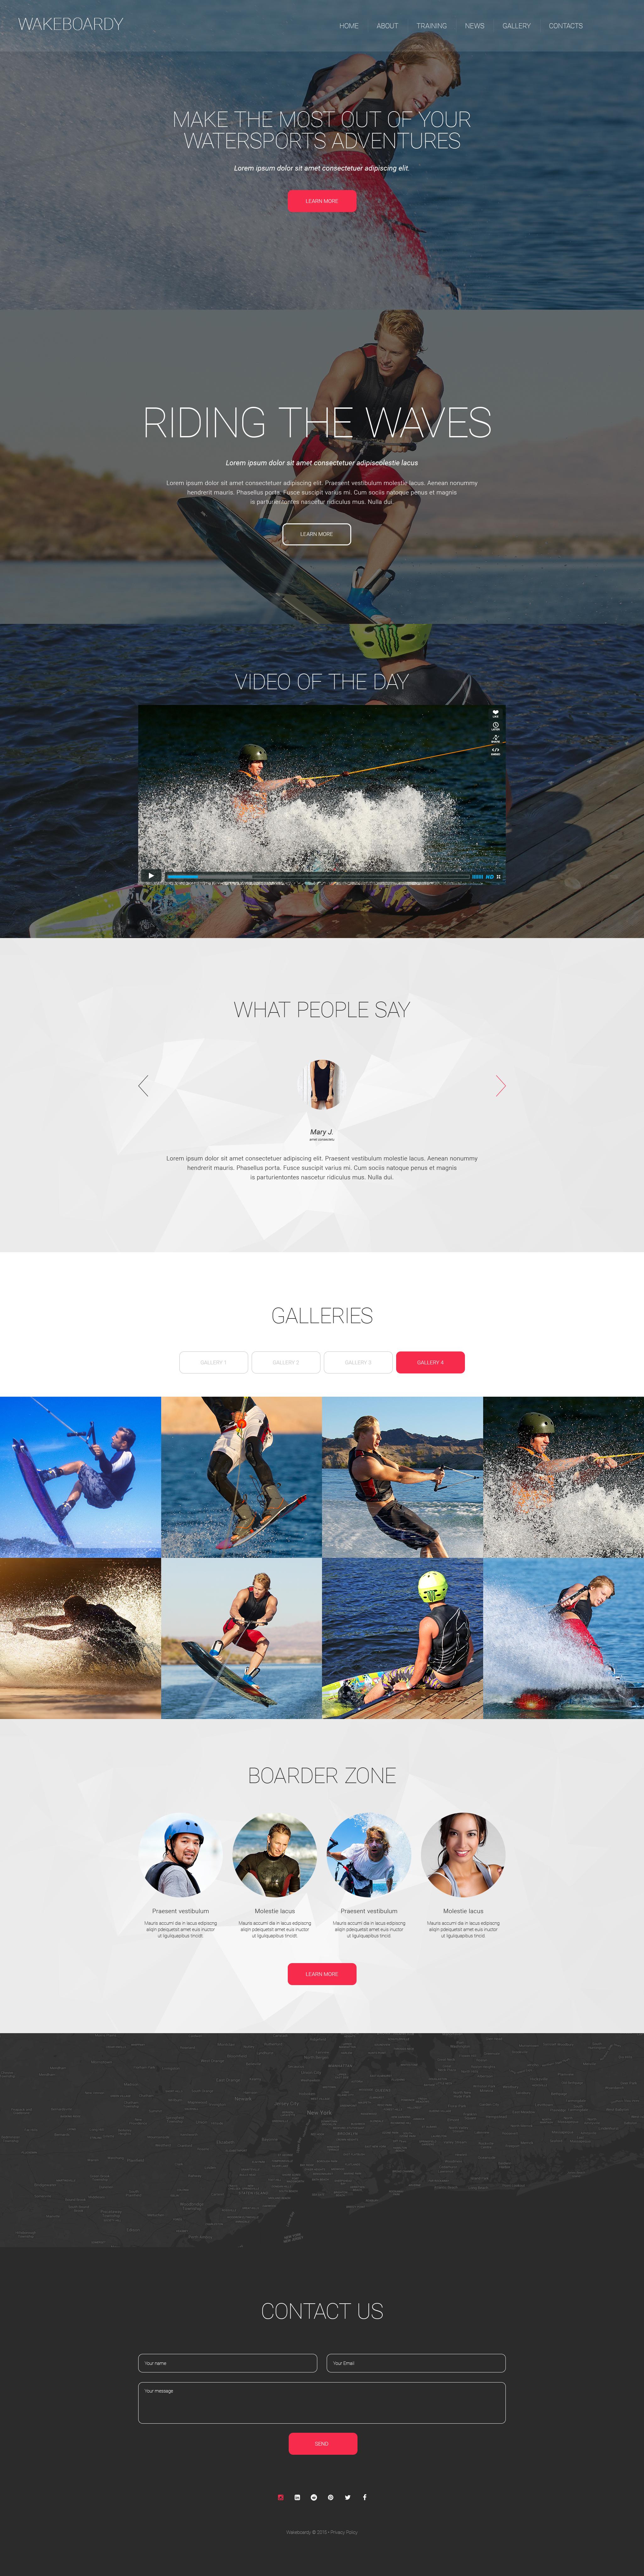 Modello Siti Web Responsive #57890 per Un Sito di Wakeboarding